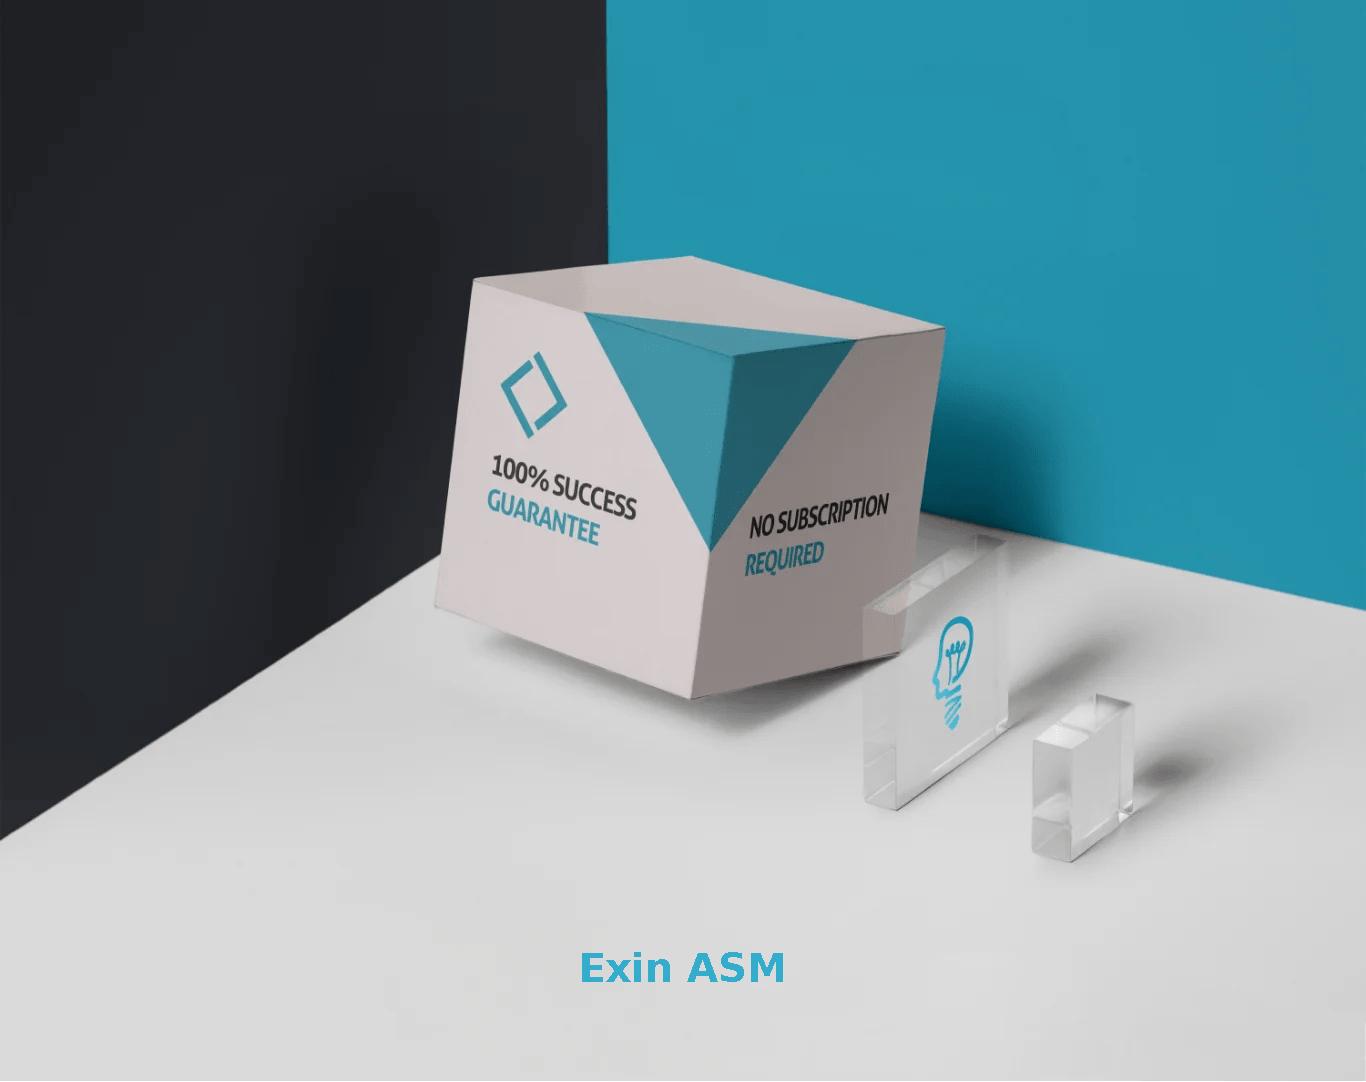 Exin ASM Exams